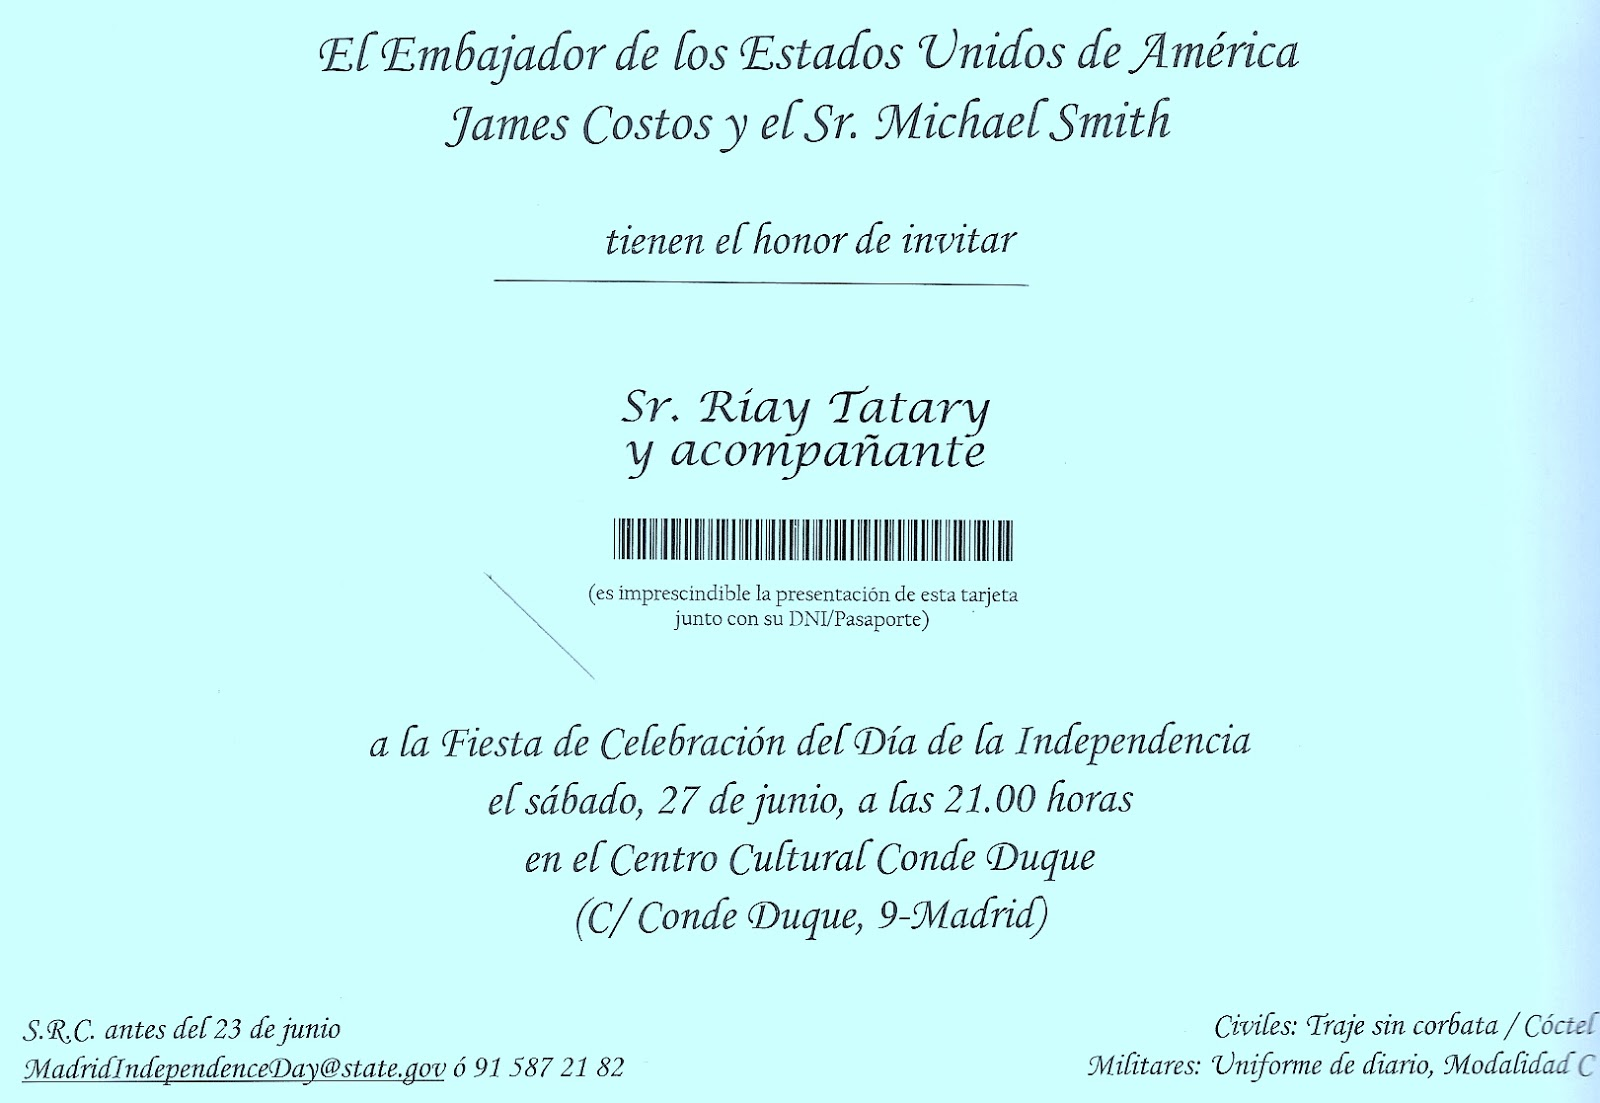 Tatary invitado a la Fiesta de Celebración del Día de la Independencia de Los Estados Unidos